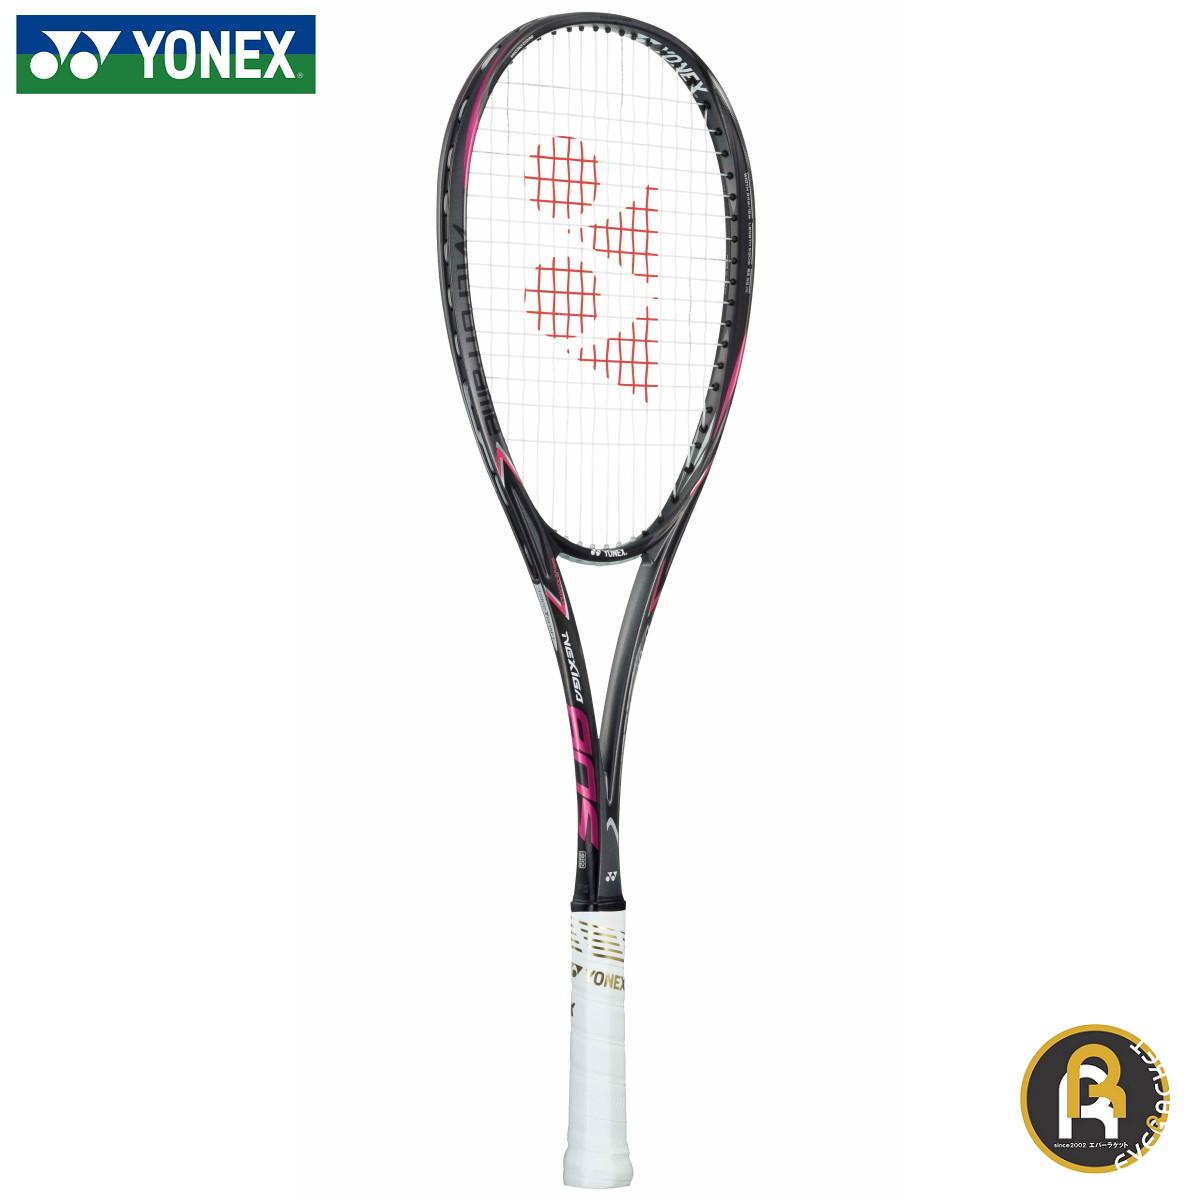 ヨネックス YONEX ソフトテニスラケット ネクシーガ80S NXG80S ソフトテニス